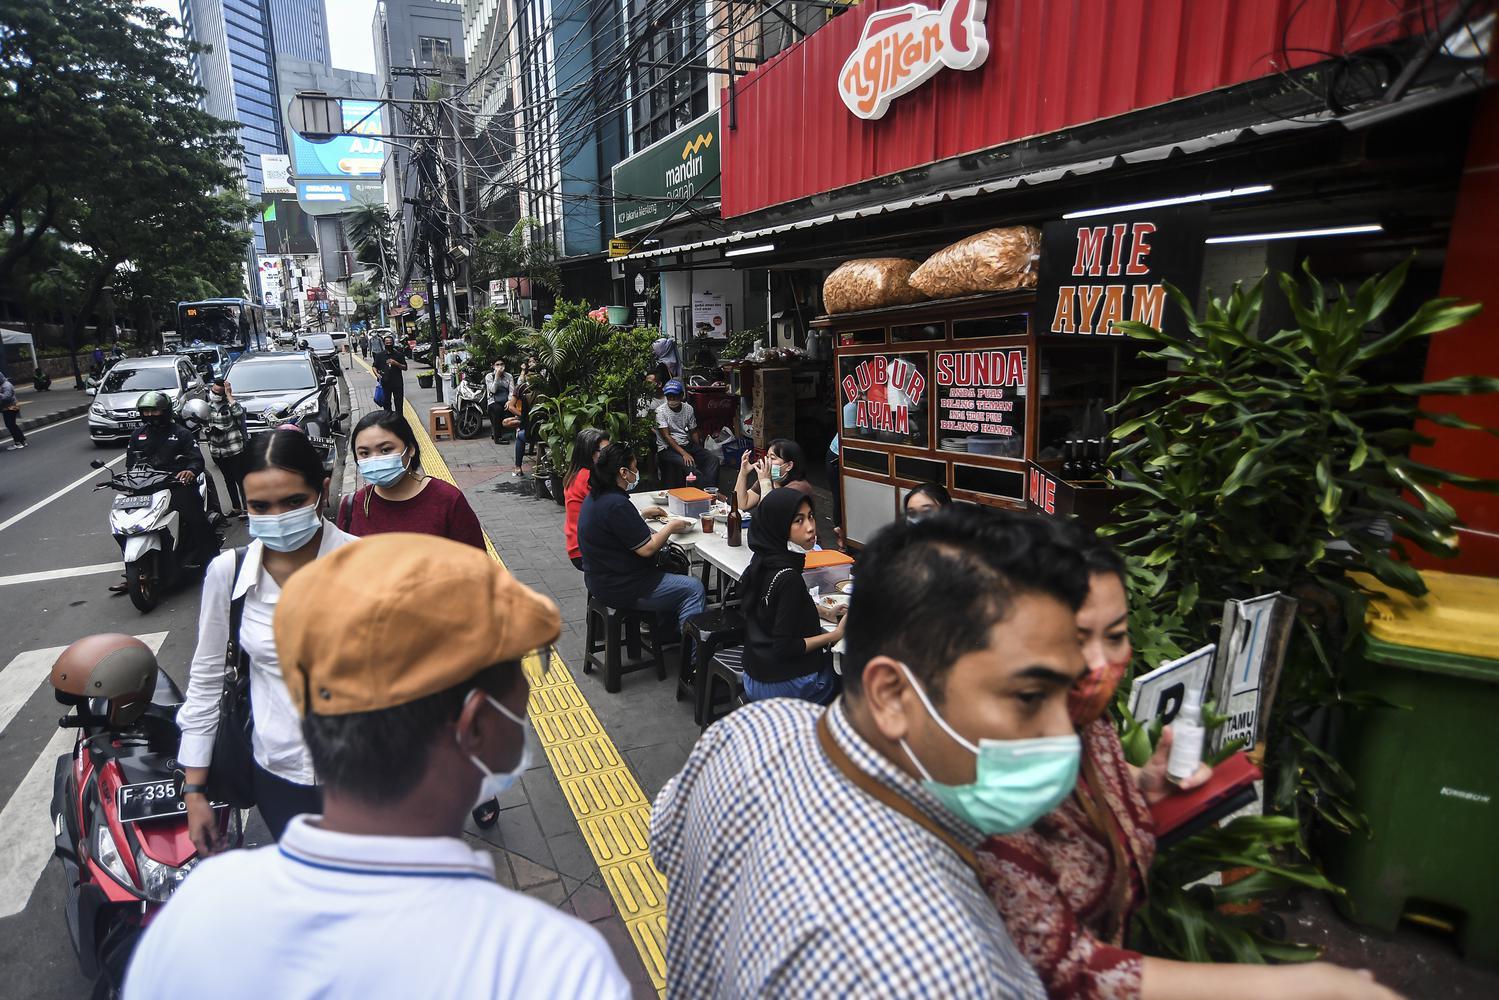 Pekerja beraktivitas sepulang bekerja di Jakarta, Rabu (6/1/2021). Pemerintah kembali memberlakukan Pembatasan Sosial Berskala Besar (PSBB) yang lebih ketat, dengan menerapkan aturan Work From Office (WFO) maksimal hanya 25 persen dari kapasitas kantor dan berlaku di Pulau Jawa dan Bali.